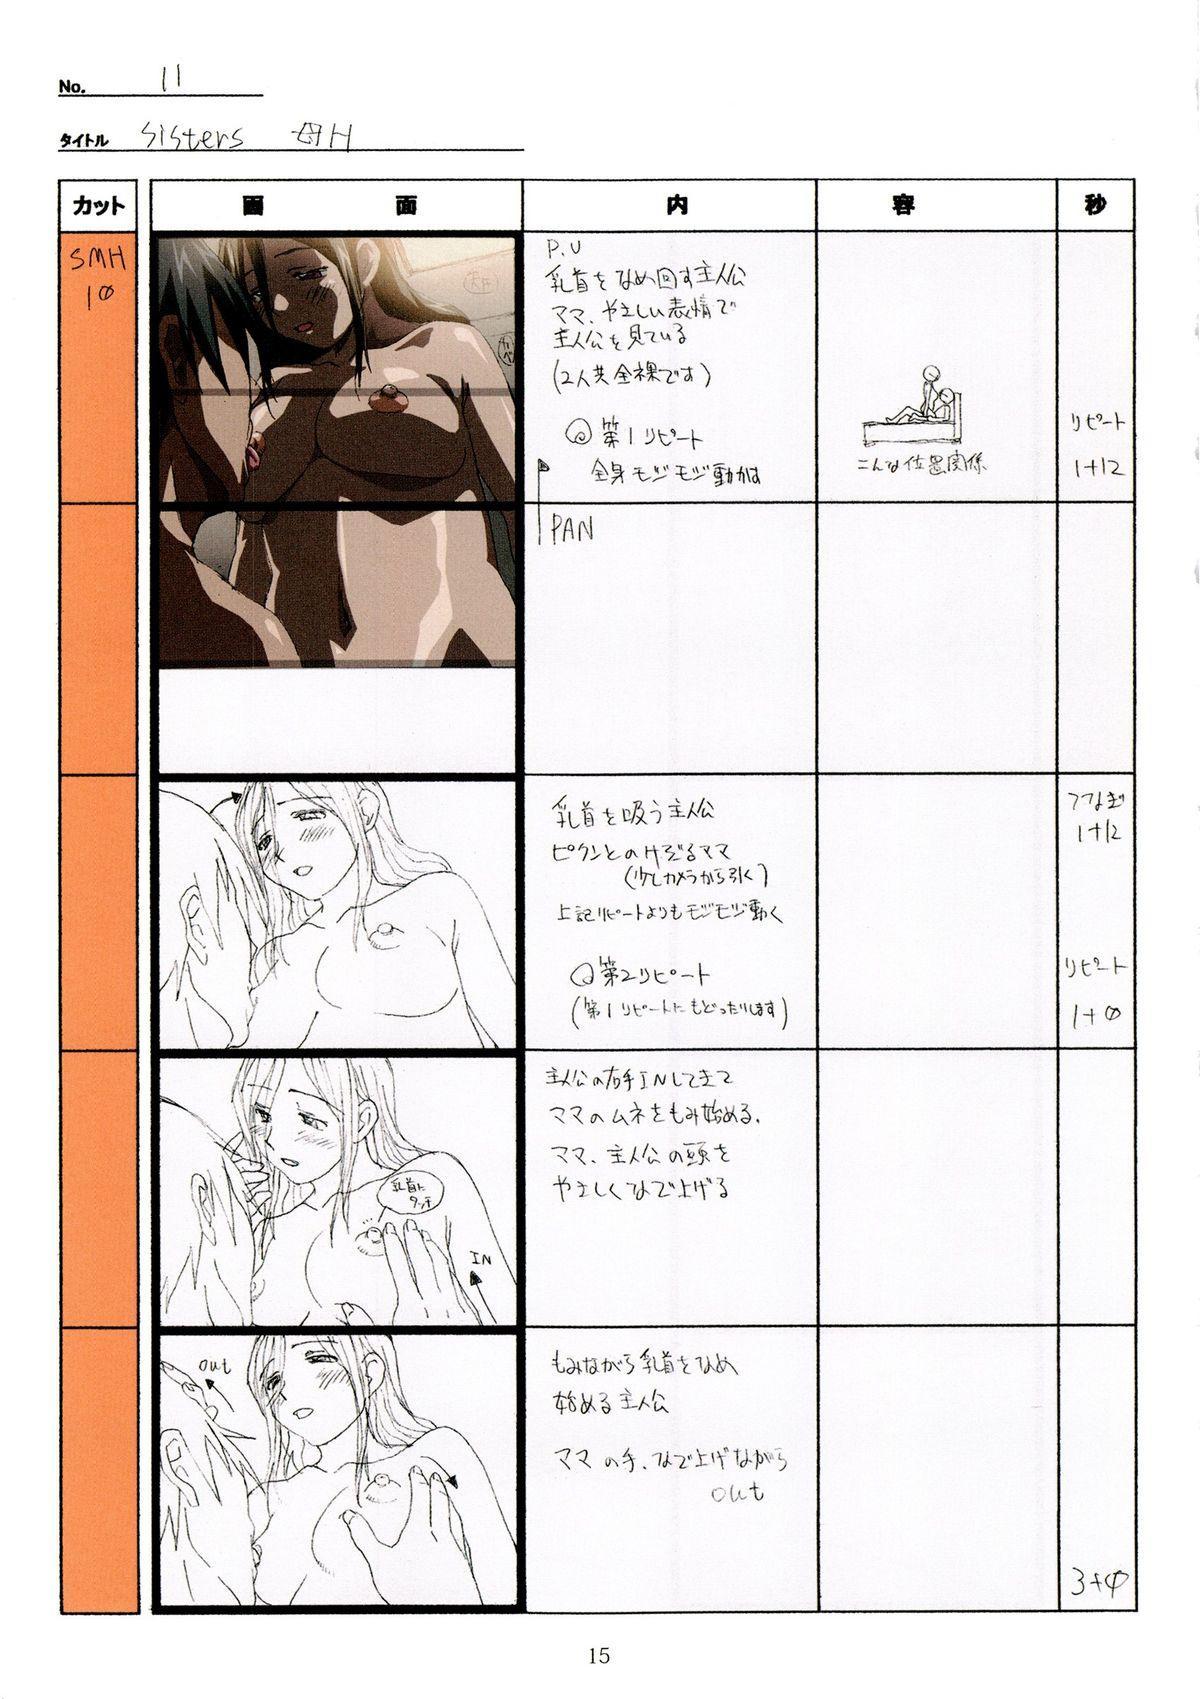 (C89) [Makino Jimusho (Taki Minashika)] SISTERS -Natsu no Saigo no Hi- H Scene All Part Storyboard (SISTERS -Natsu no Saigo no Hi-) 14